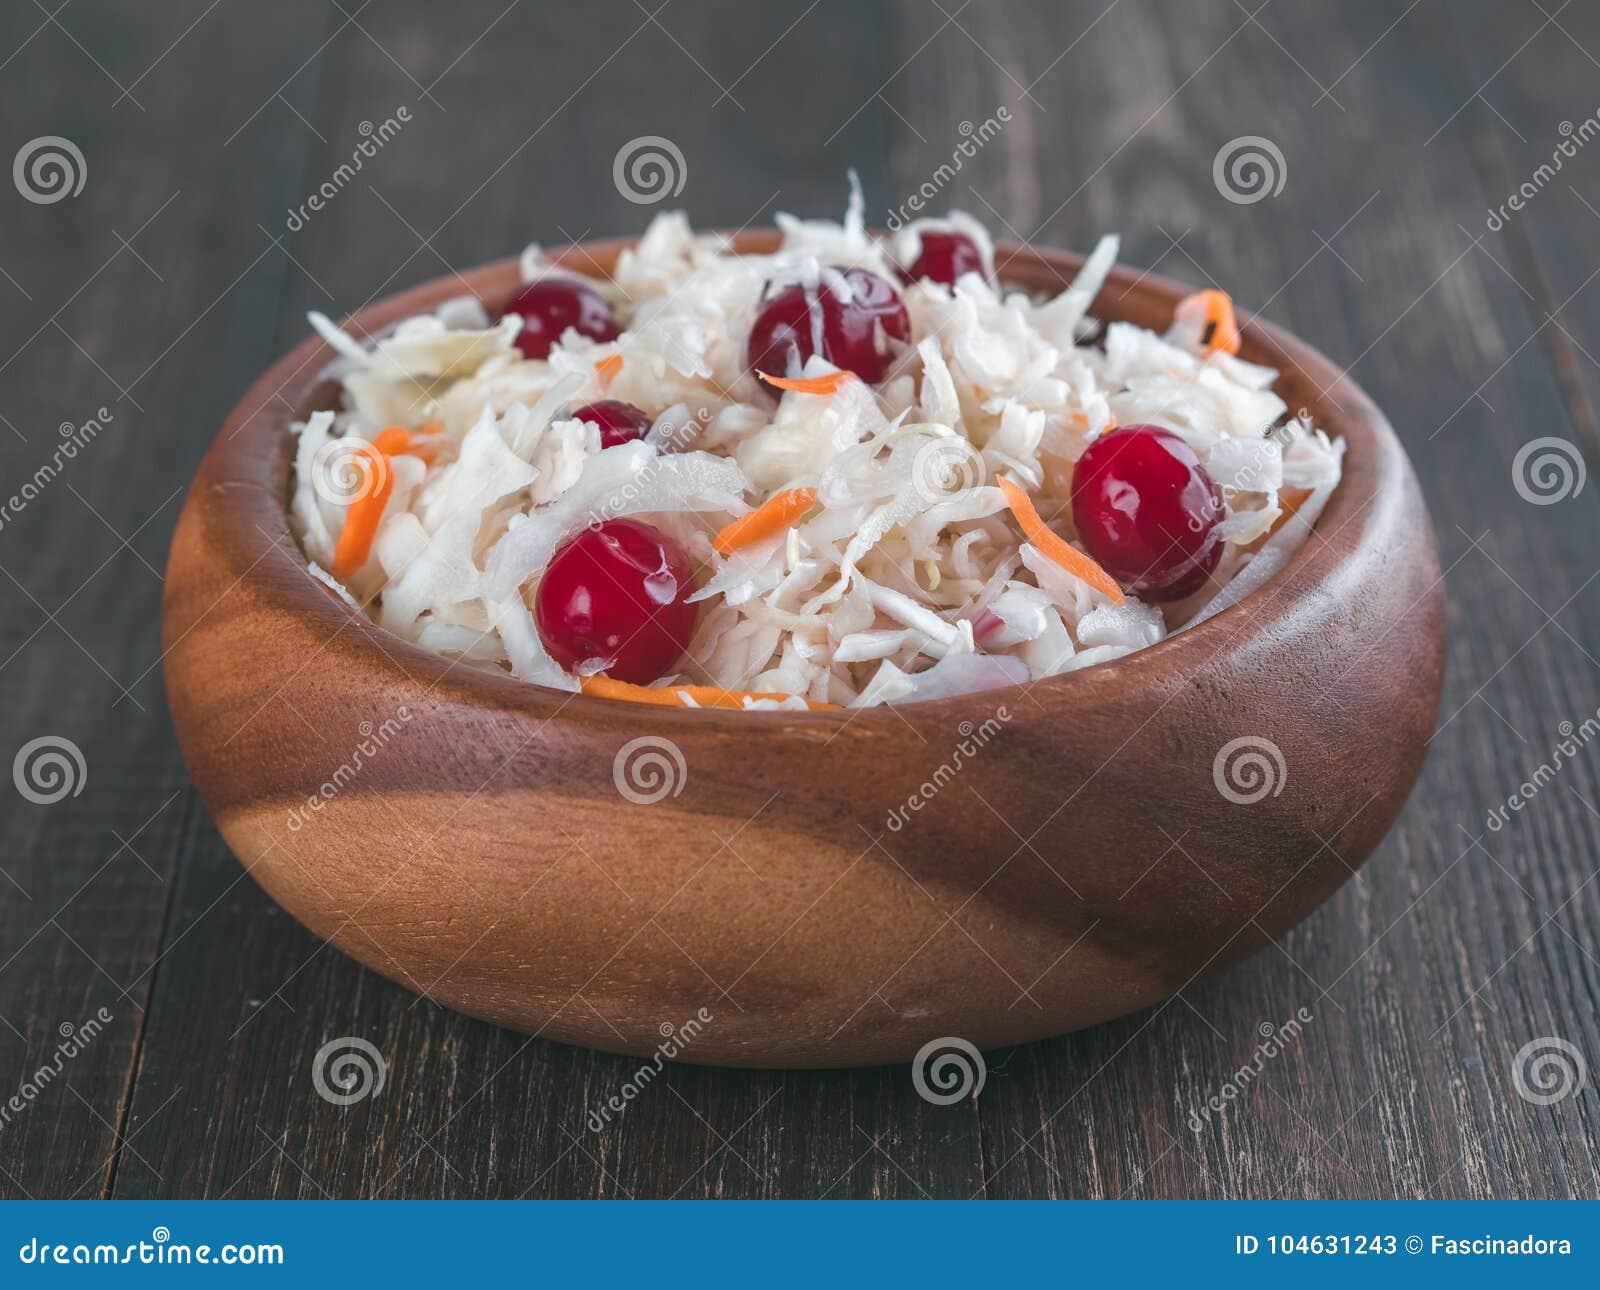 Download Zuurkool Met Amerikaanse Veenbes En Wortel Stock Afbeelding - Afbeelding bestaande uit ingelegd, cranberry: 104631243